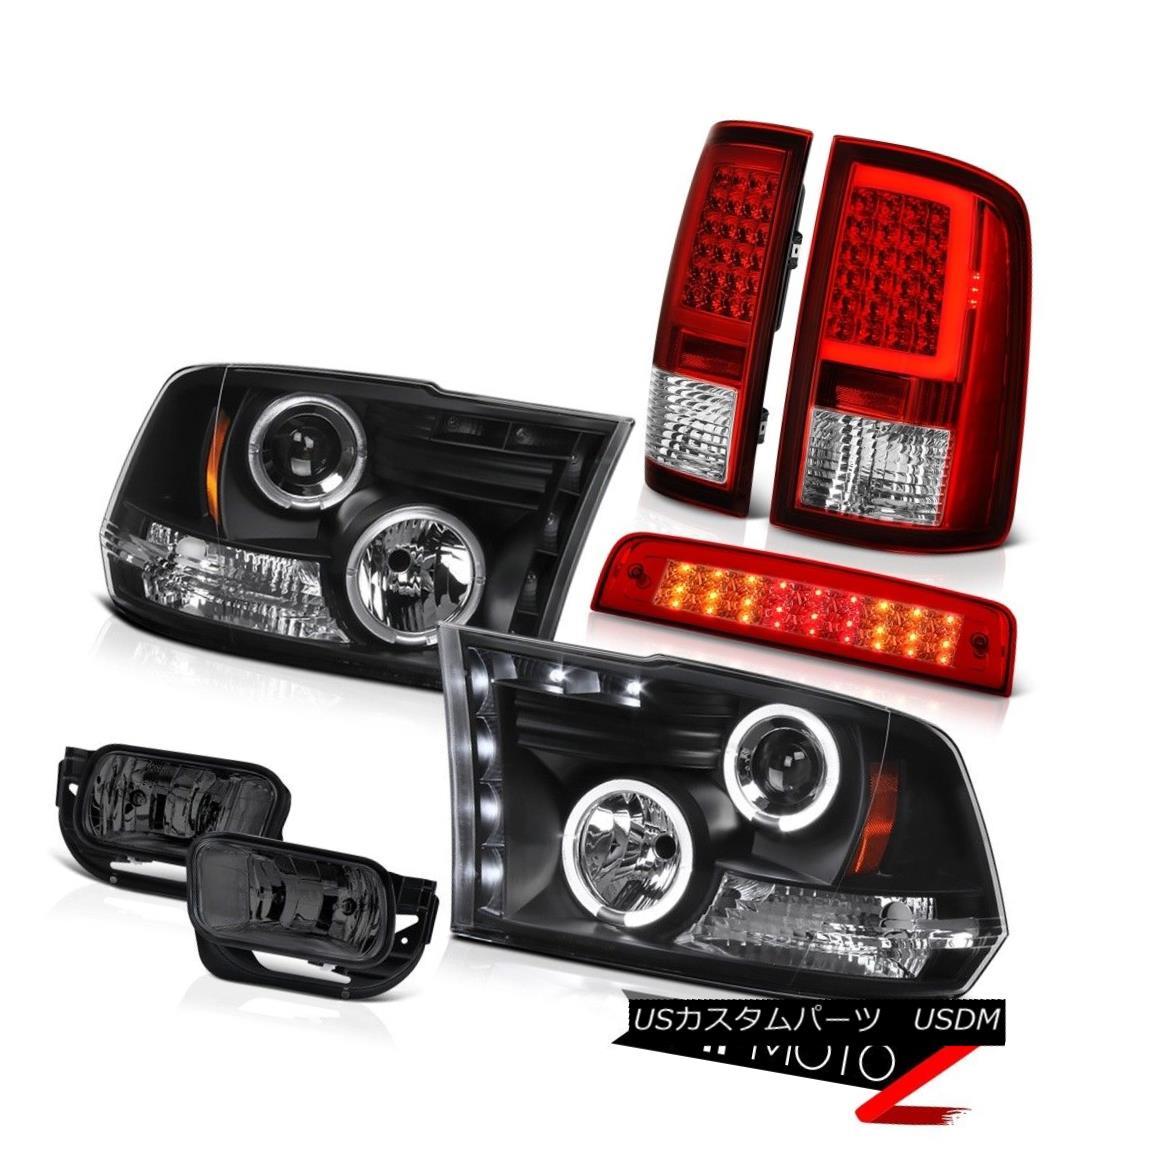 2009-2013 Indicator Lens Clear Each Honda CBF 125 M Europe Front Left